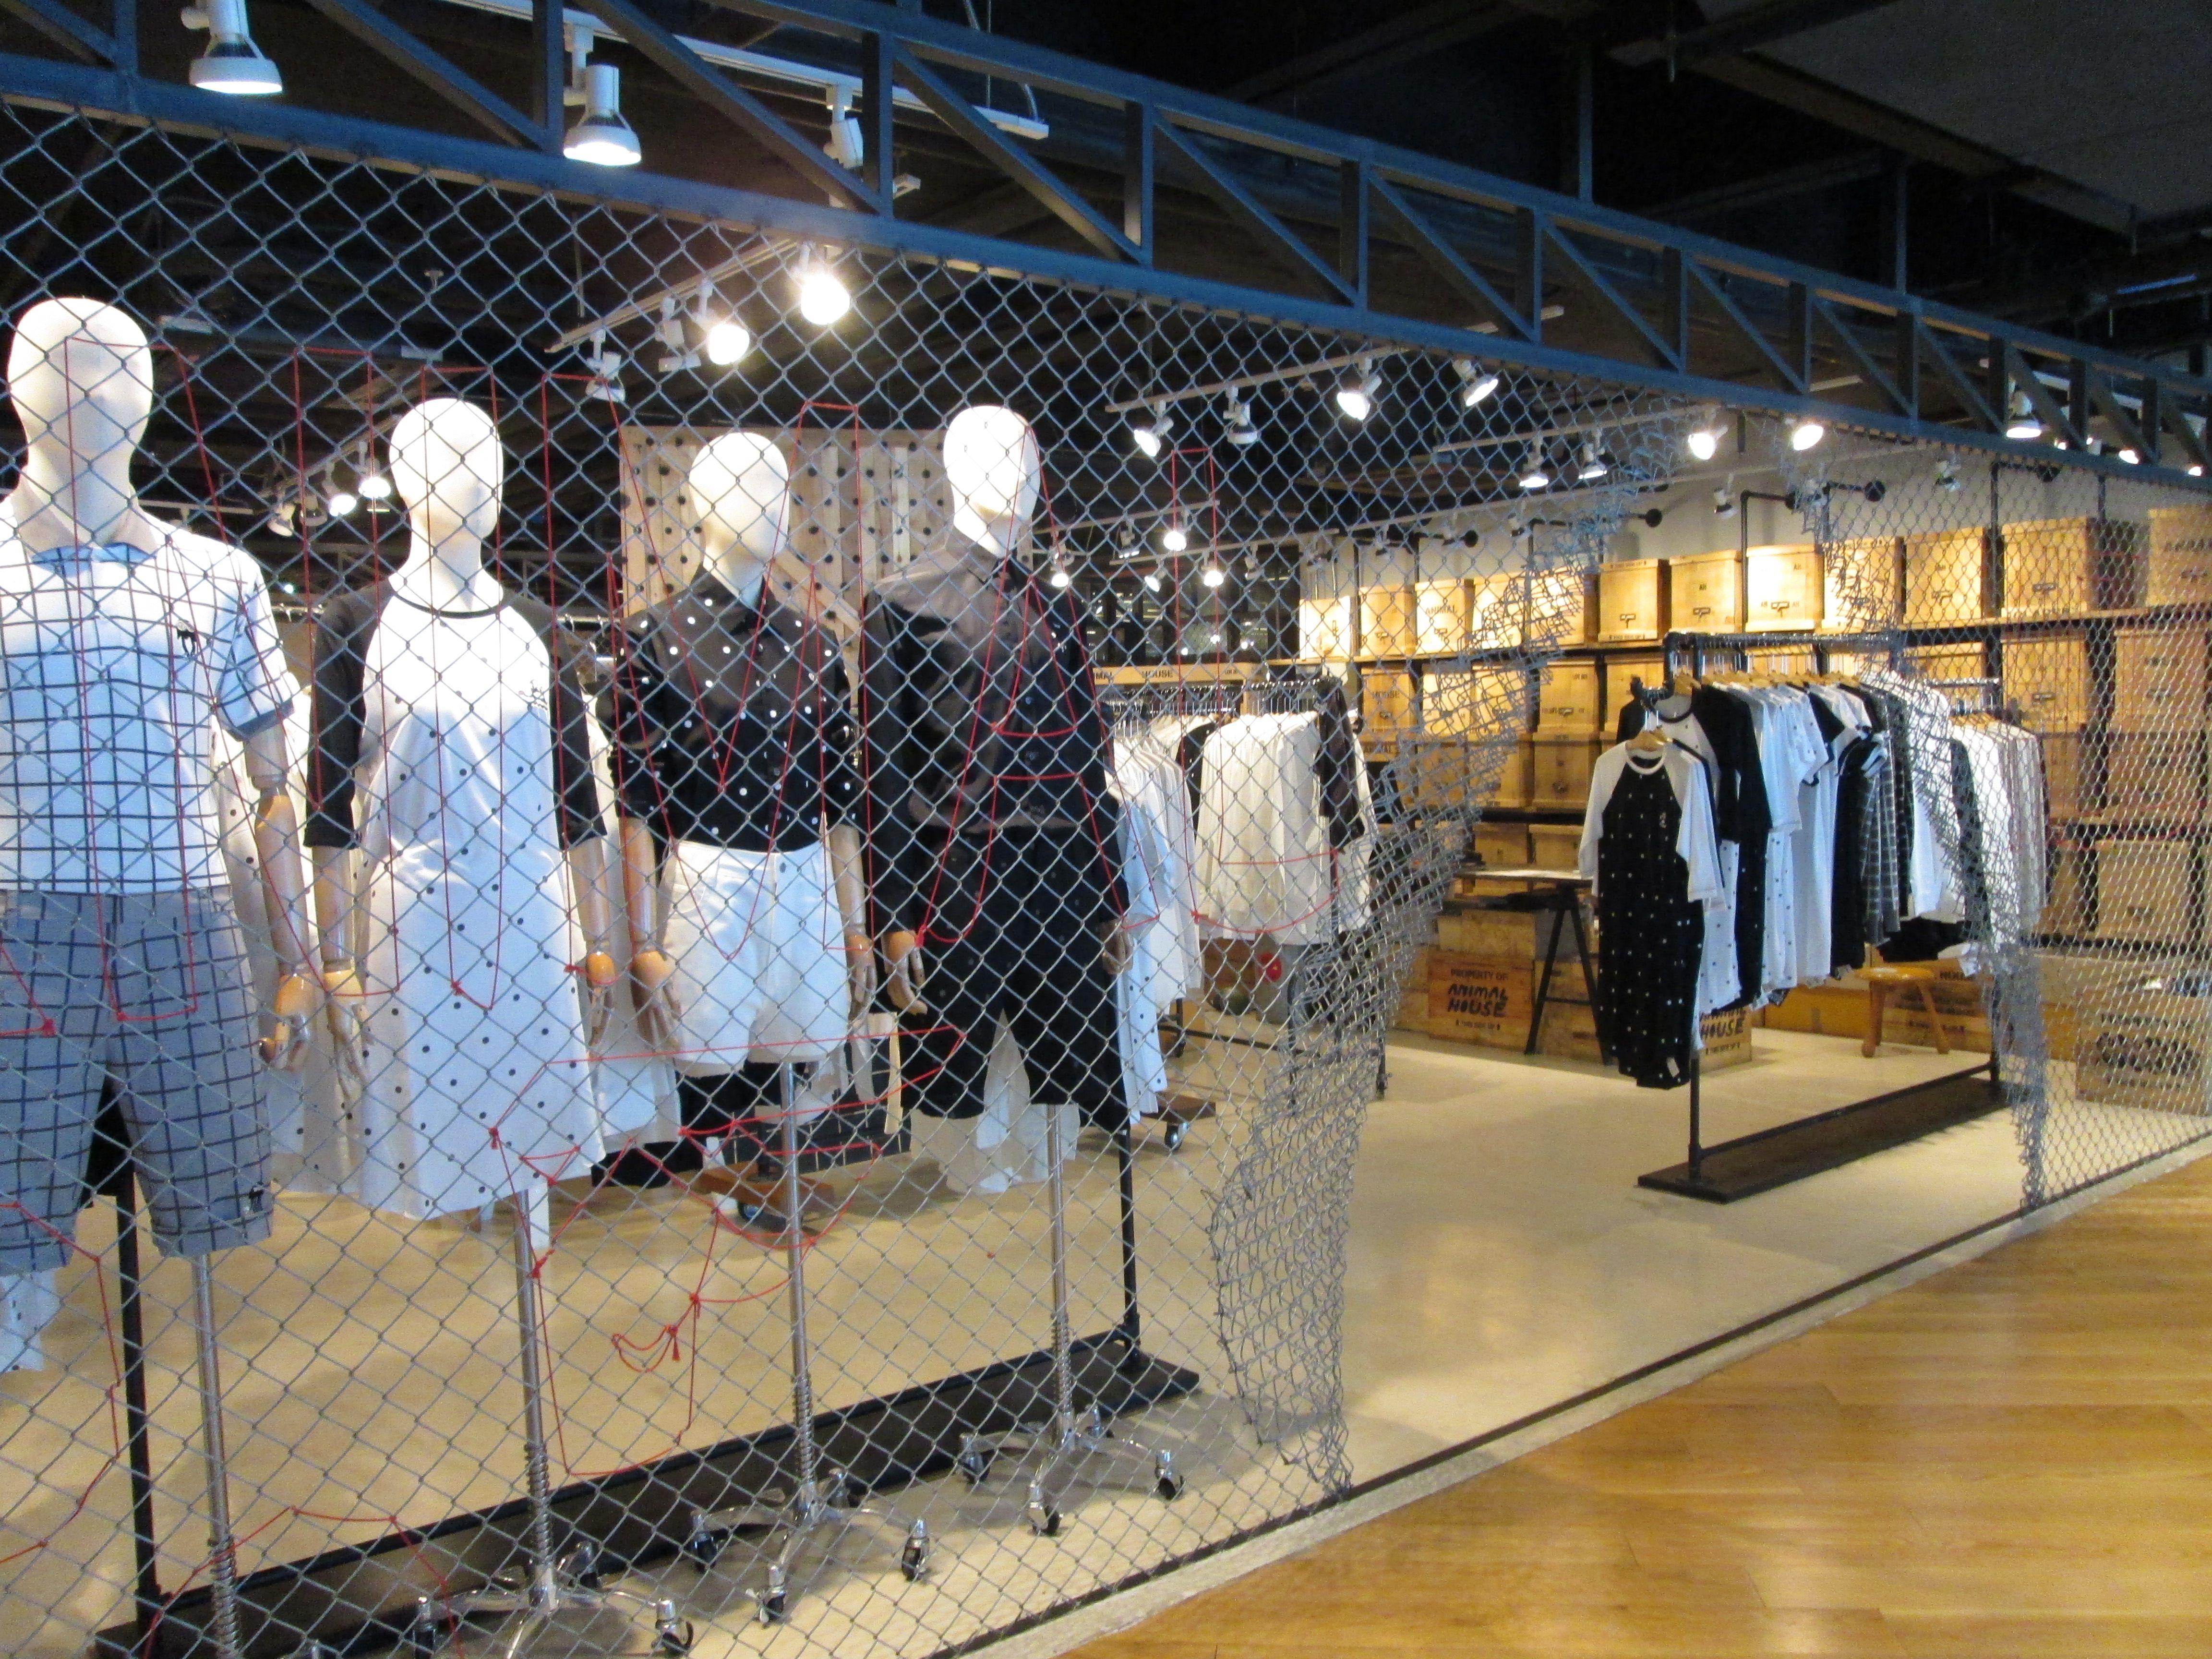 Siam Center Bangkok Store Interior Shopping Malls Mall Bangkok